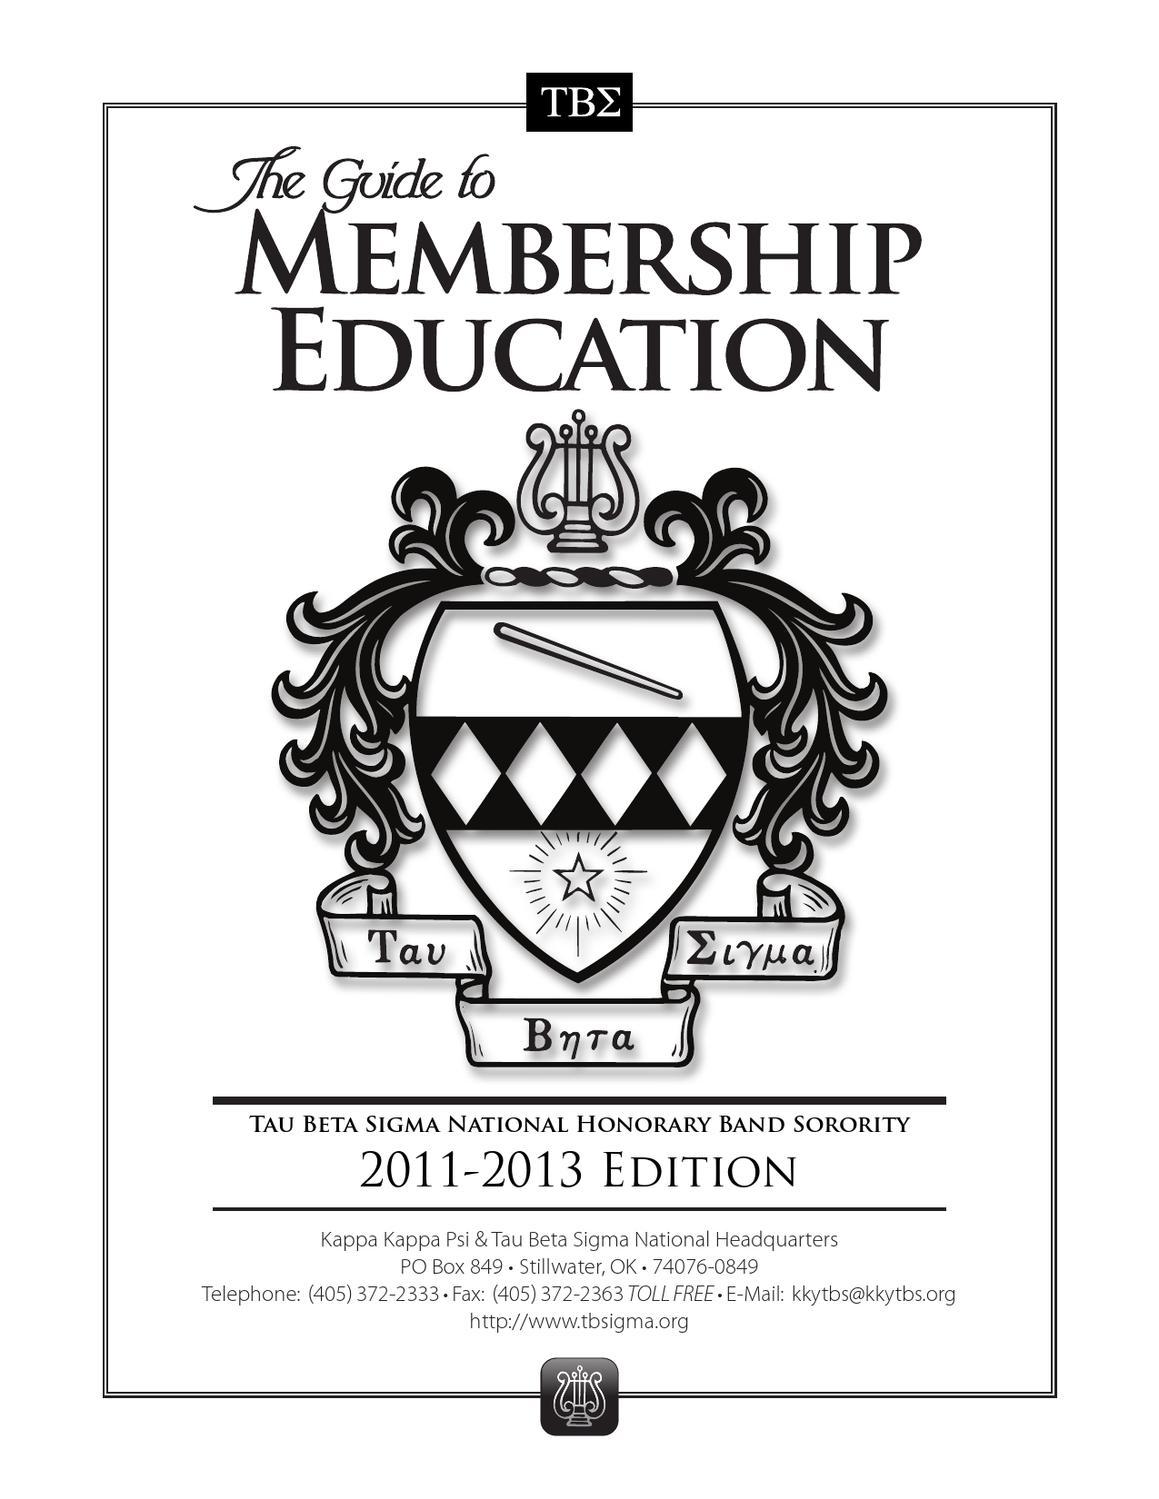 Tau beta sigma guide to membership by kappa kappa psi tau beta tau beta sigma guide to membership by kappa kappa psi tau beta sigma issuu buycottarizona